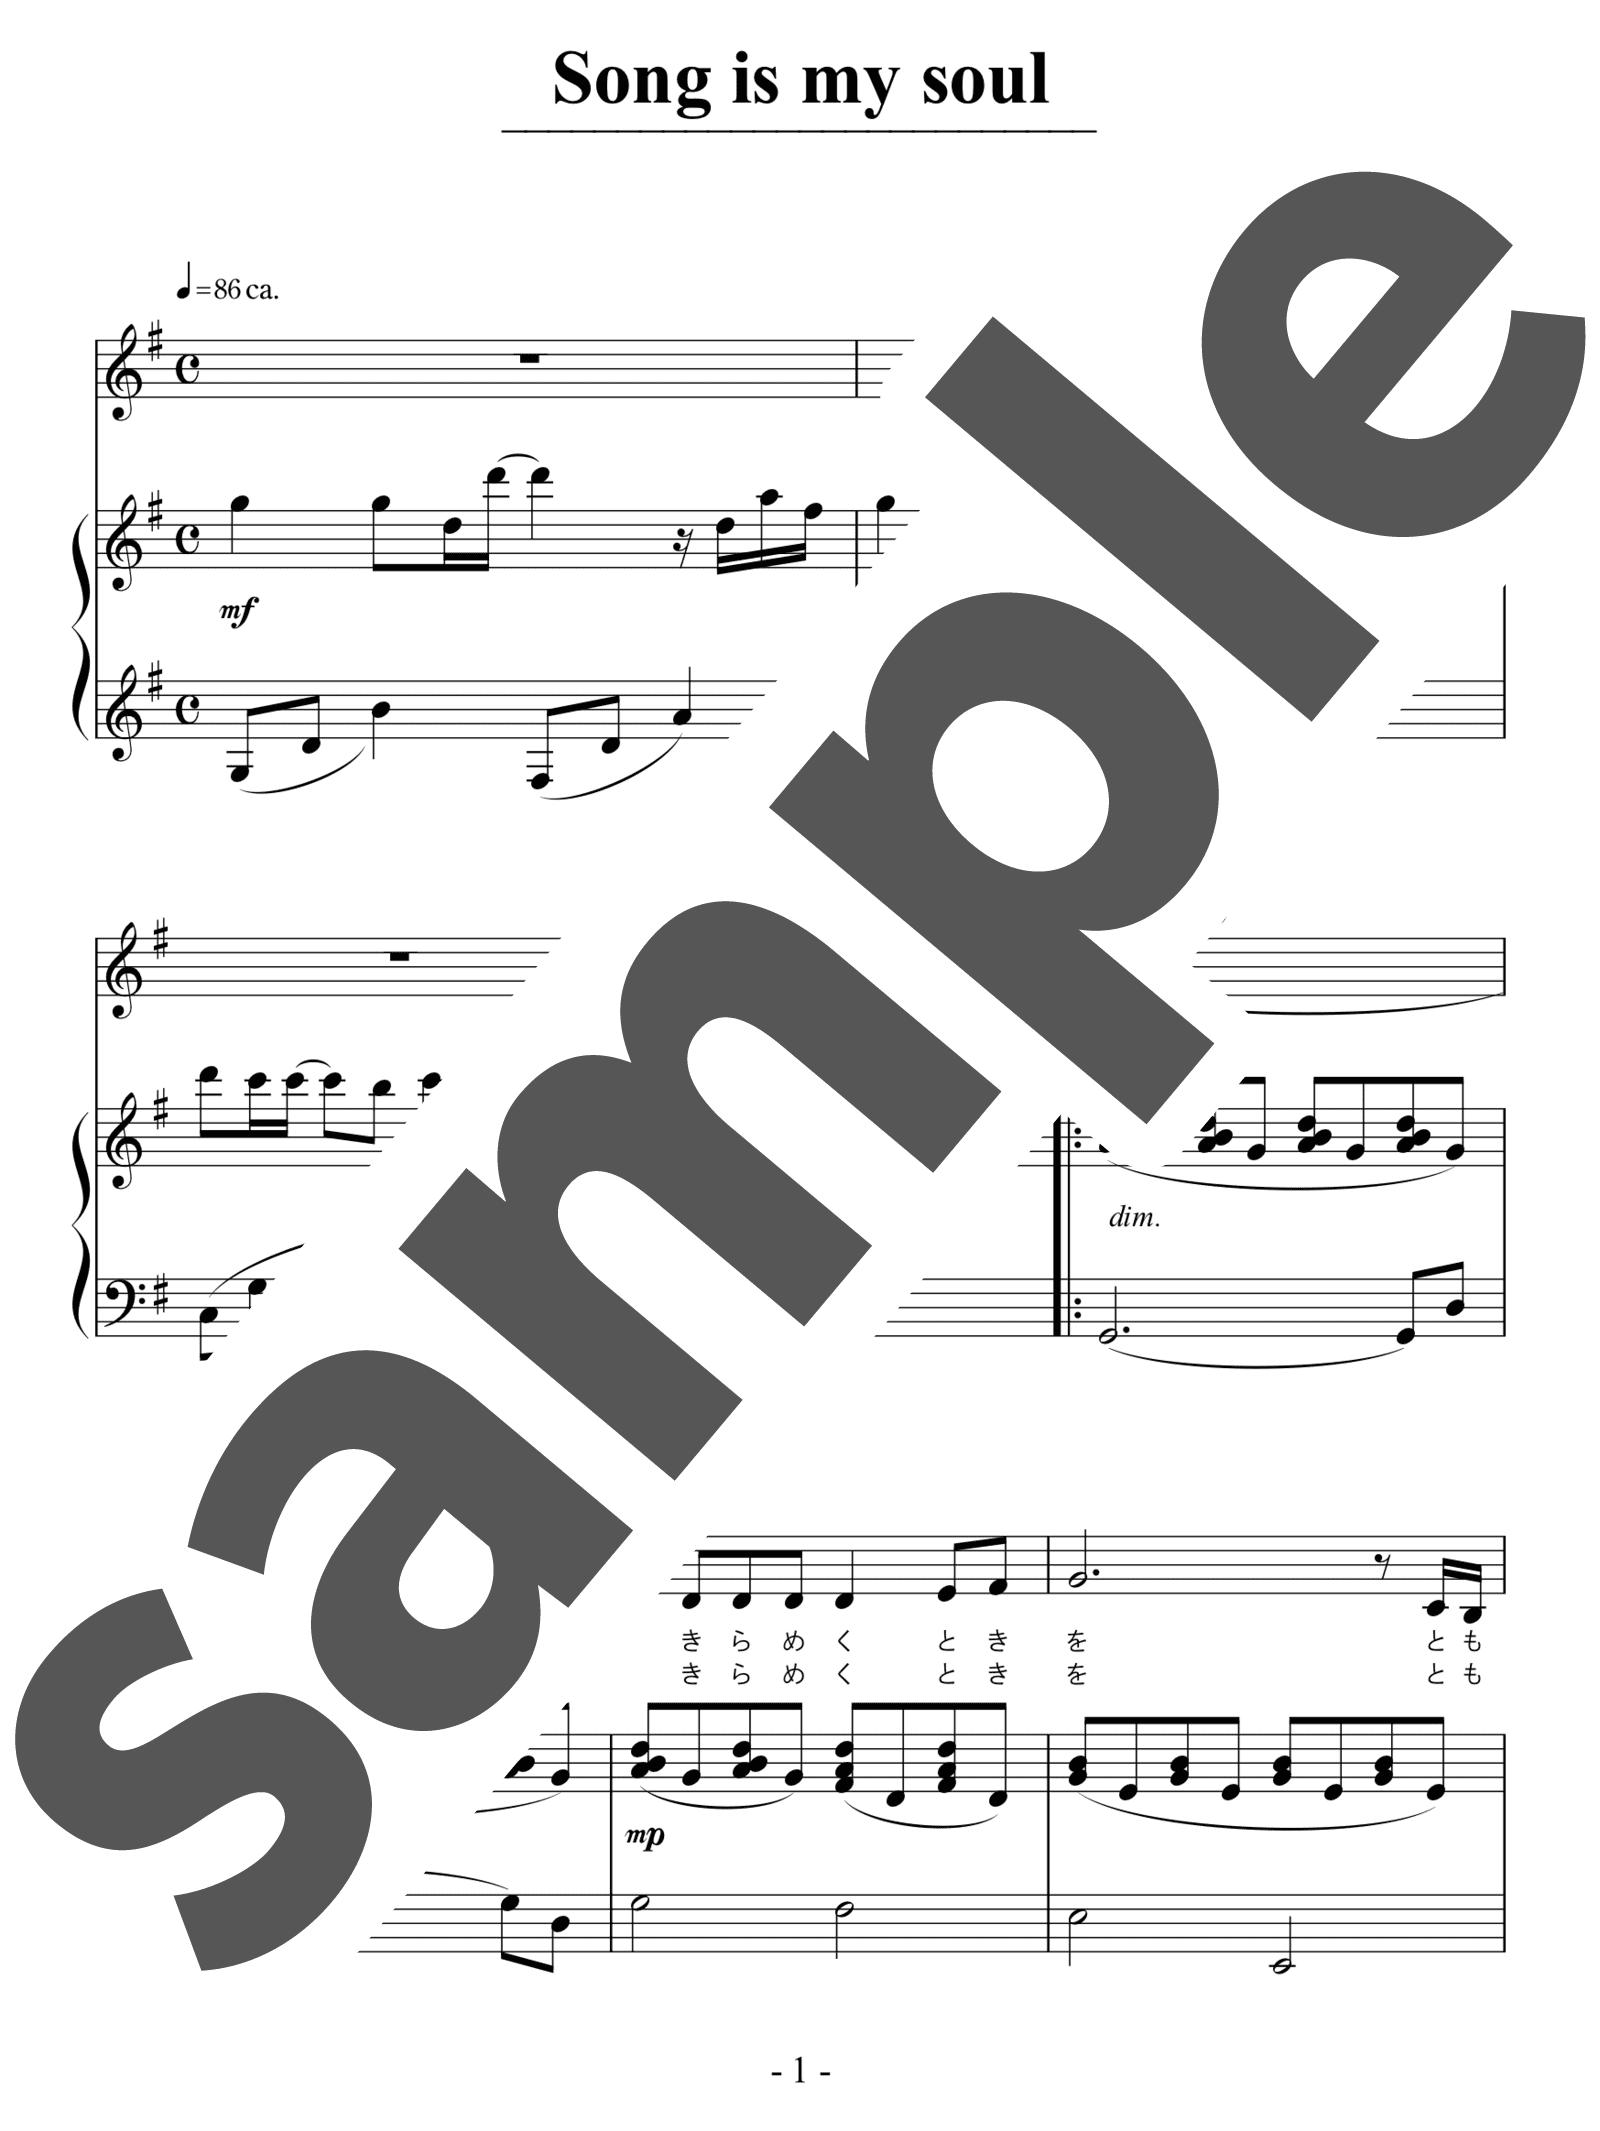 「Song is my soul」のサンプル楽譜